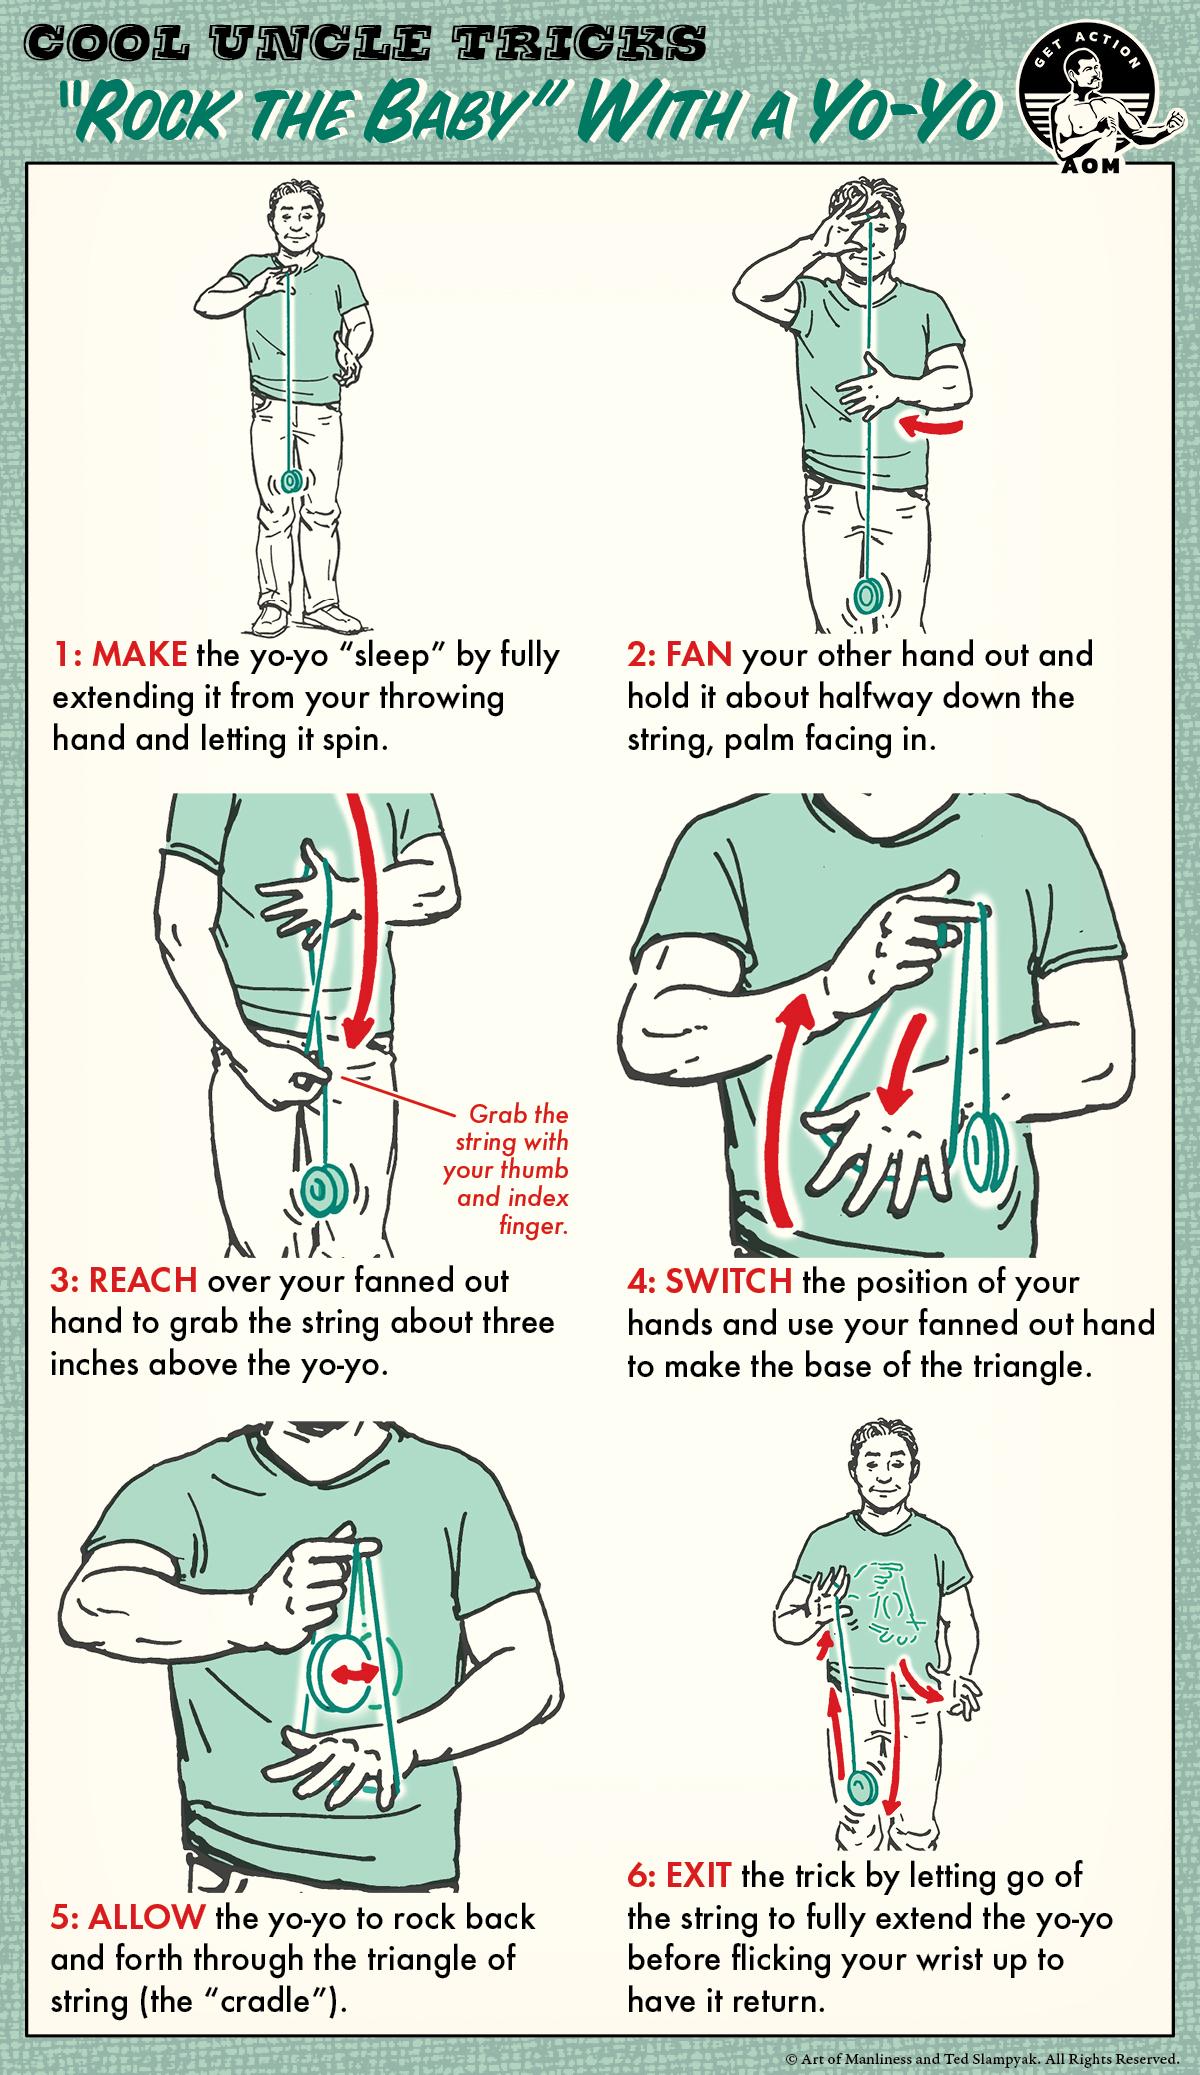 rock the baby yo yo trick step by step guide illustration.